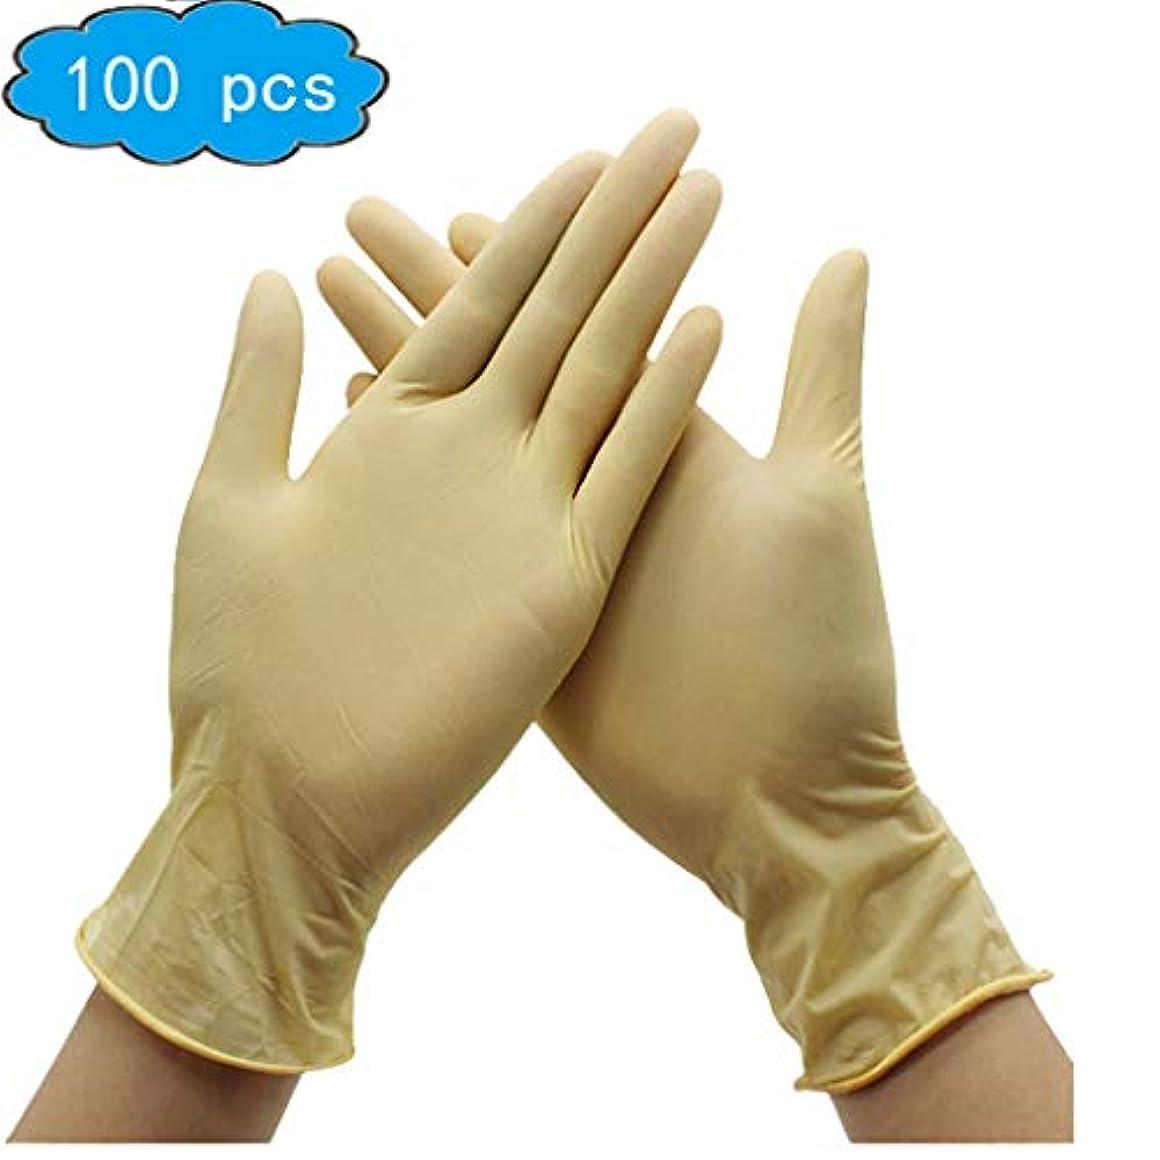 発火するビュッフェ編集者ラテックス手袋、試験/食品グレードの安全製品、使い捨て手袋および手袋Dispensers 100psc、衛生手袋、健康、家庭用ベビーケア (Color : Beige, Size : L)